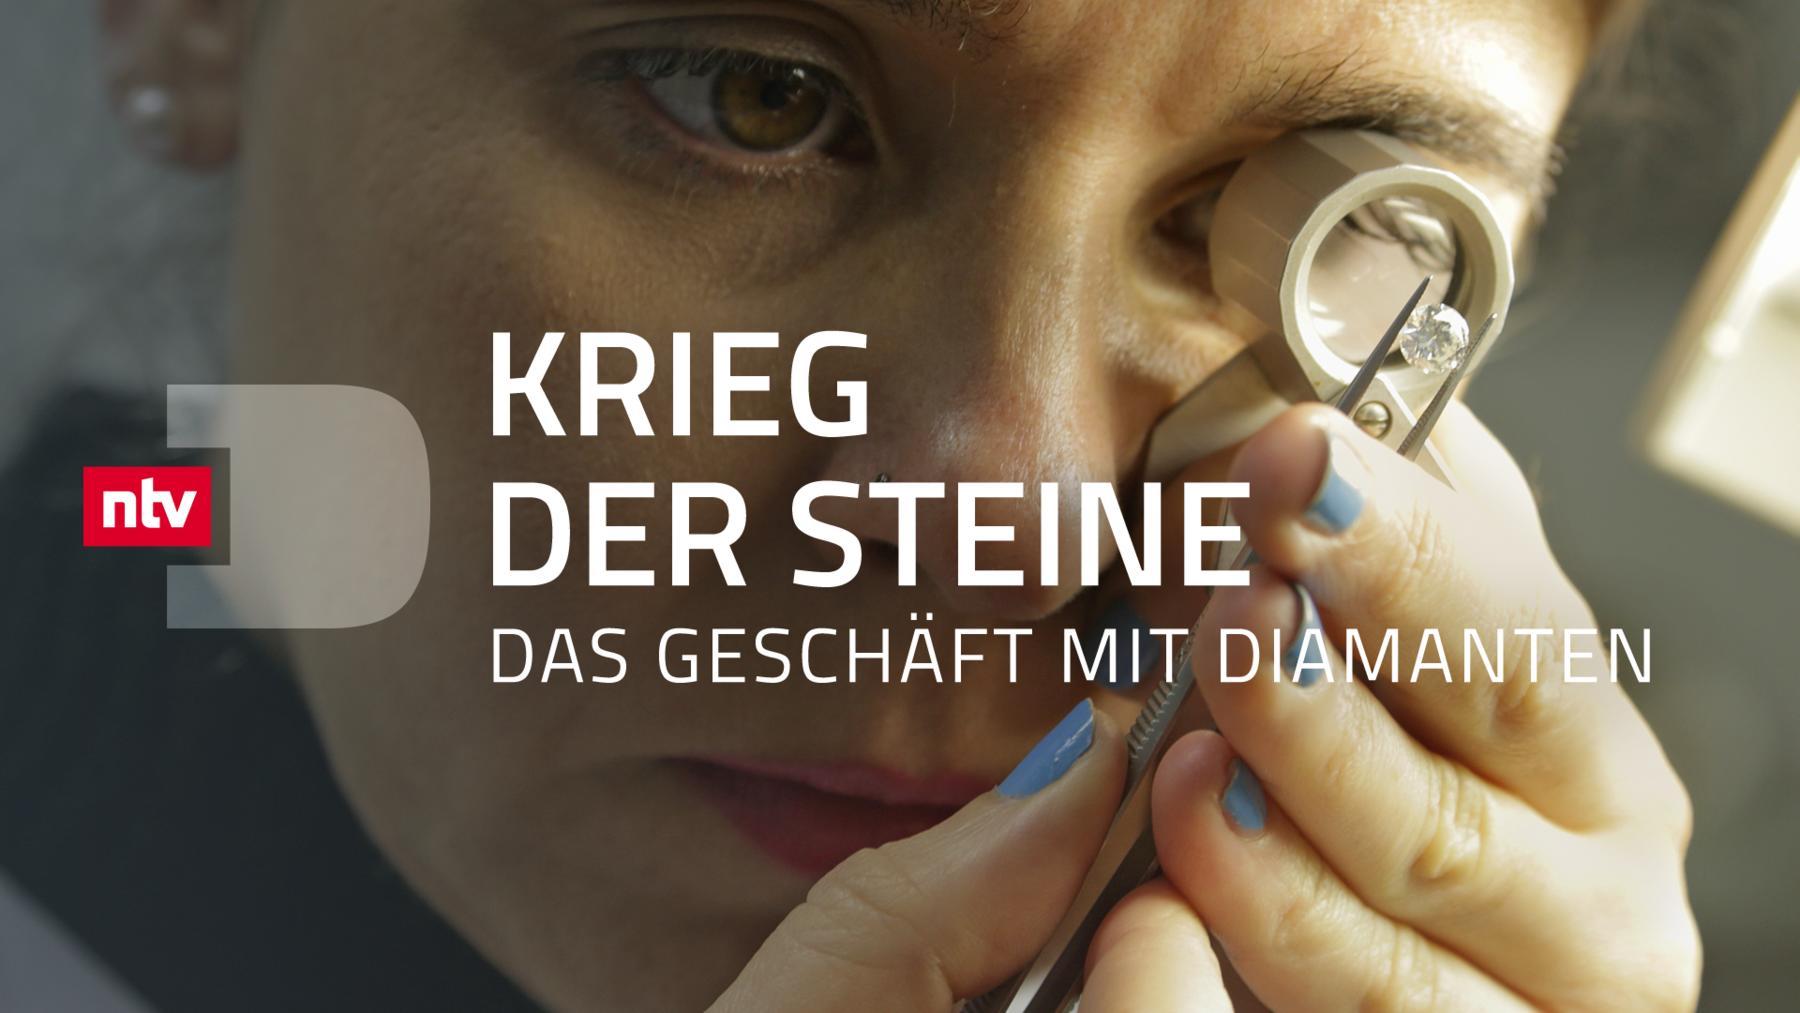 Krieg der Steine - Das Geschäft mit Diamanten